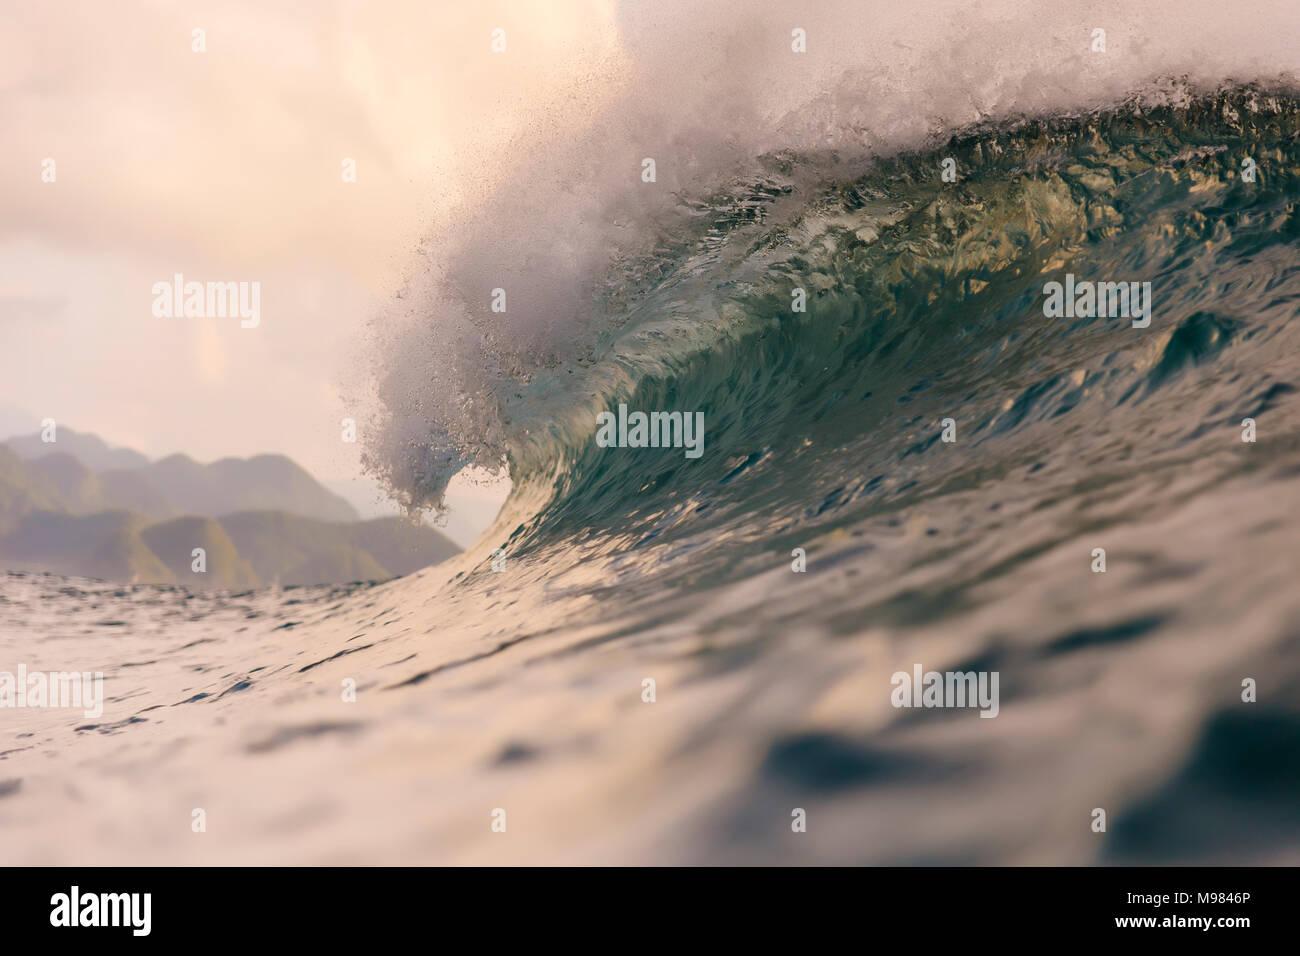 Indonesia, Sumatra, big wave - Stock Image